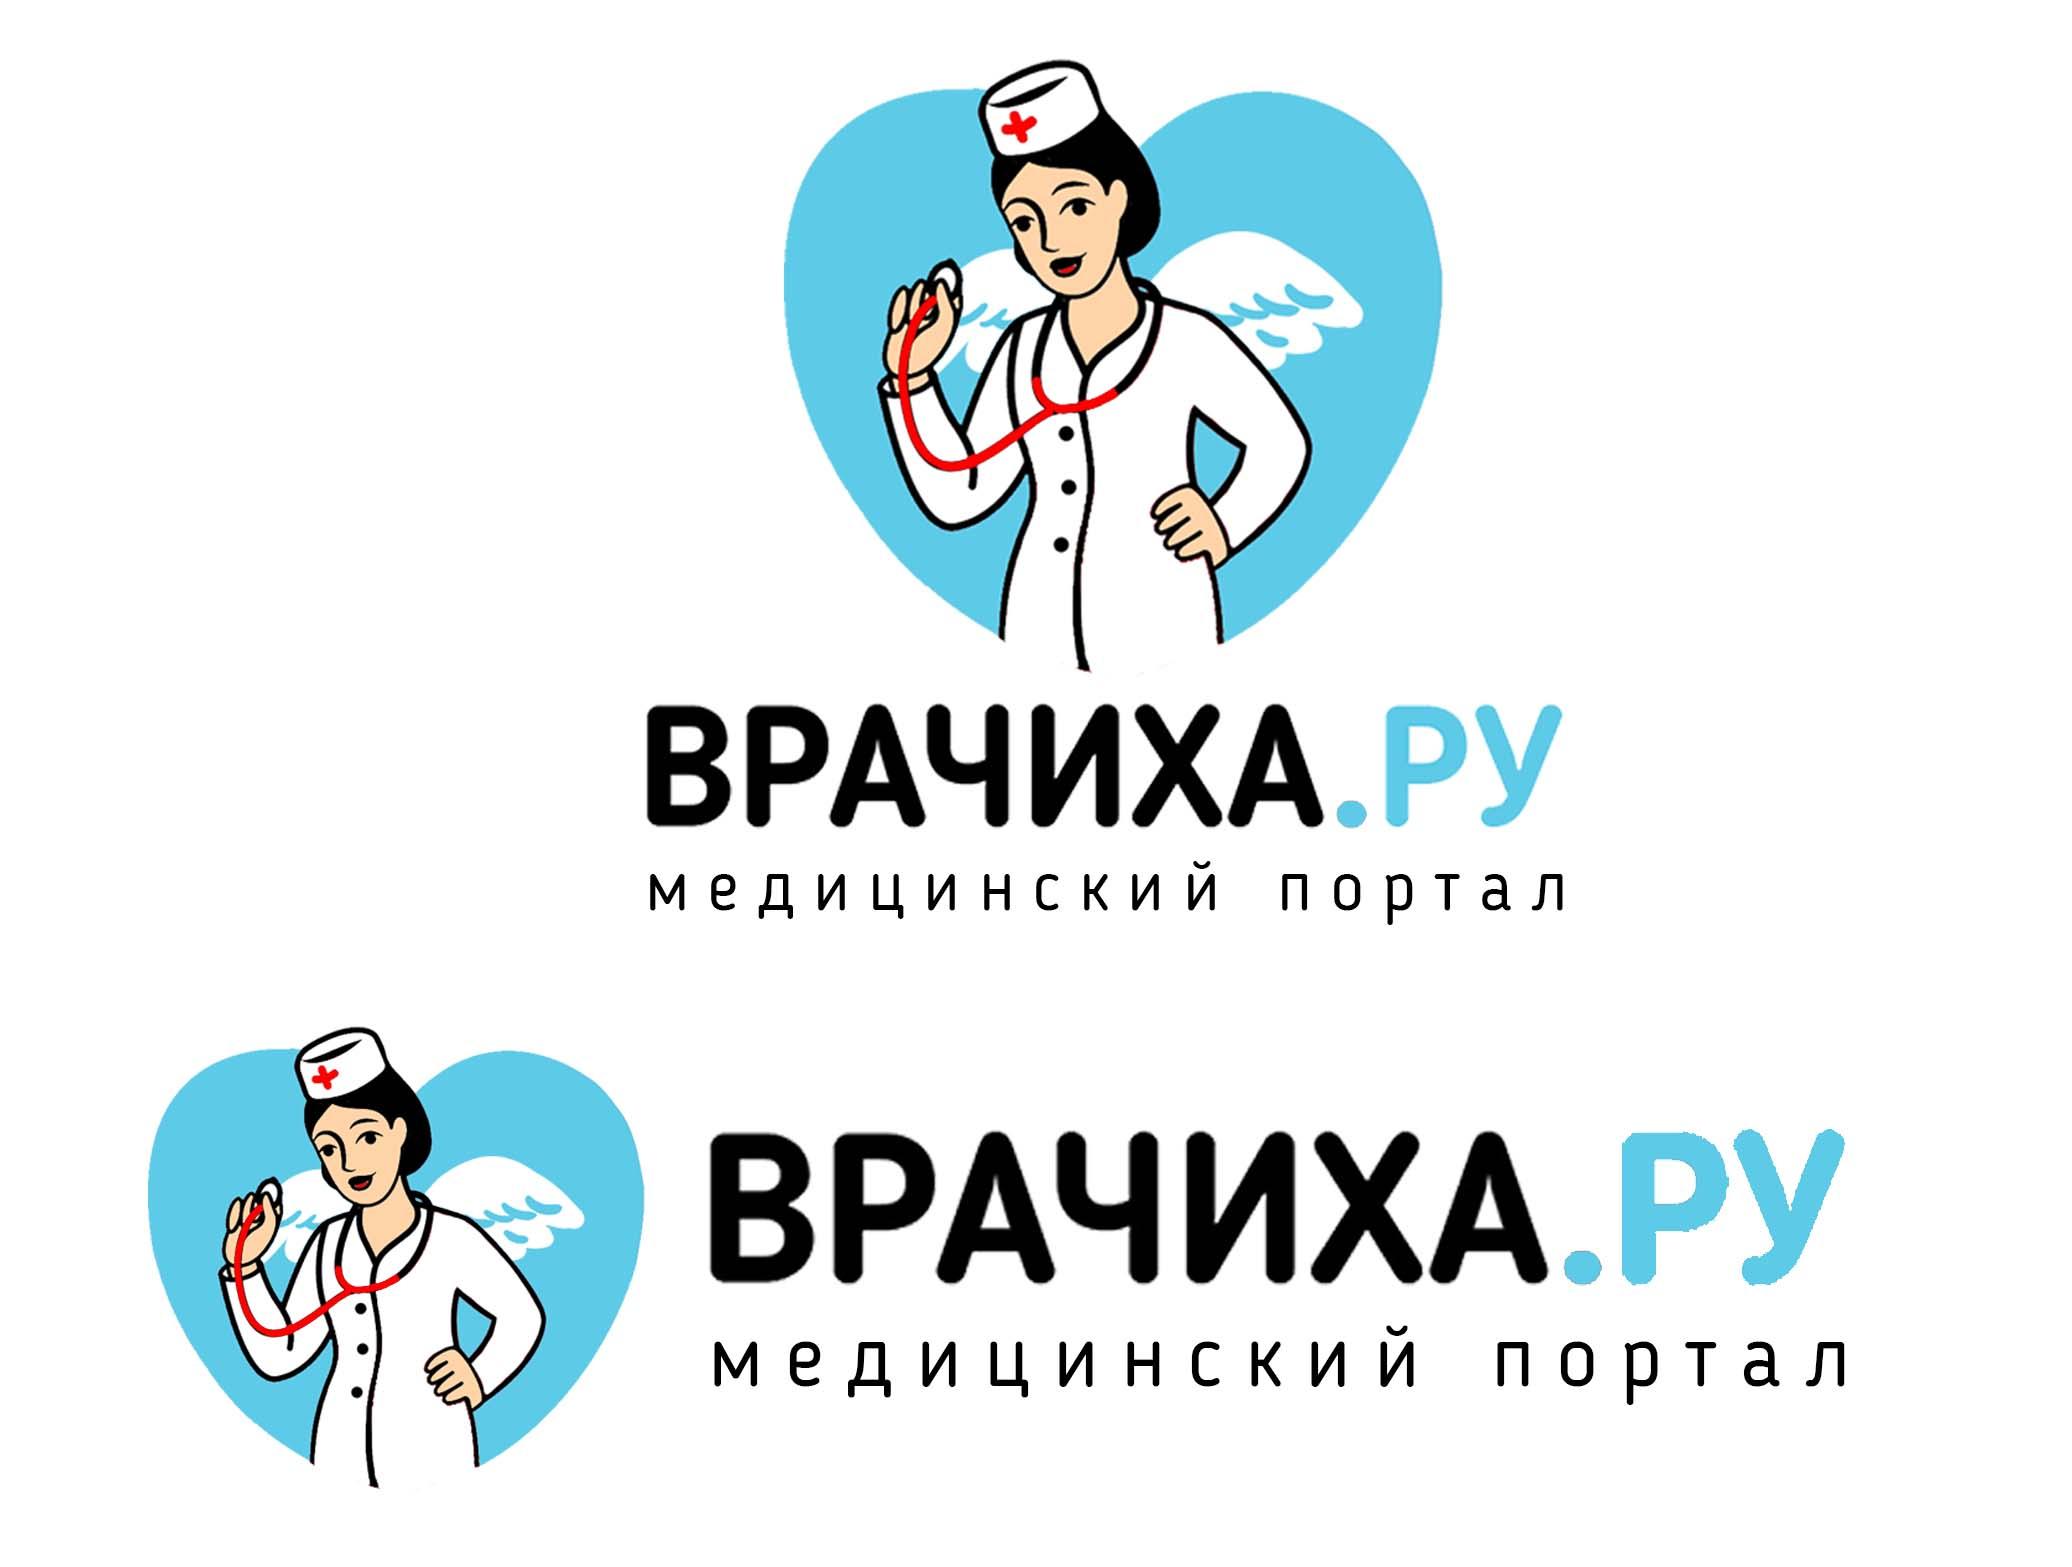 Необходимо разработать логотип для медицинского портала фото f_6885c01d298a4887.jpg